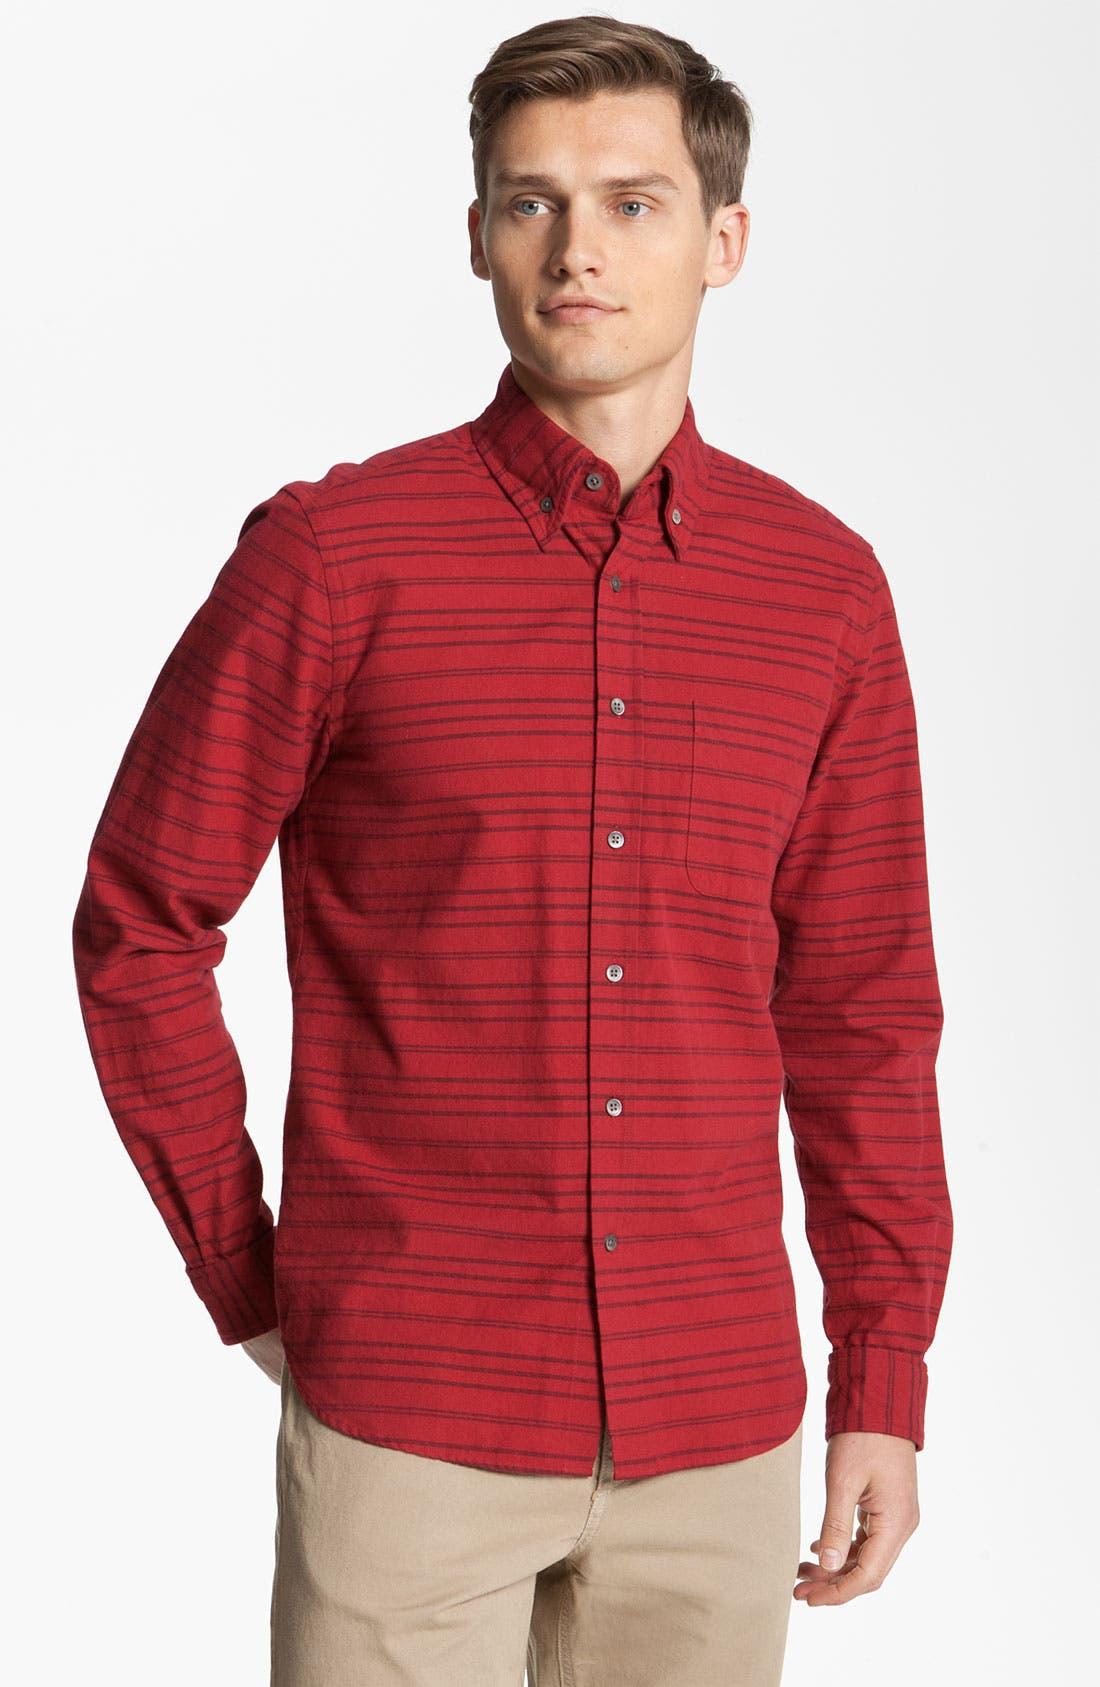 Main Image - Steven Alan 'Collegiate' Stripe Woven Shirt